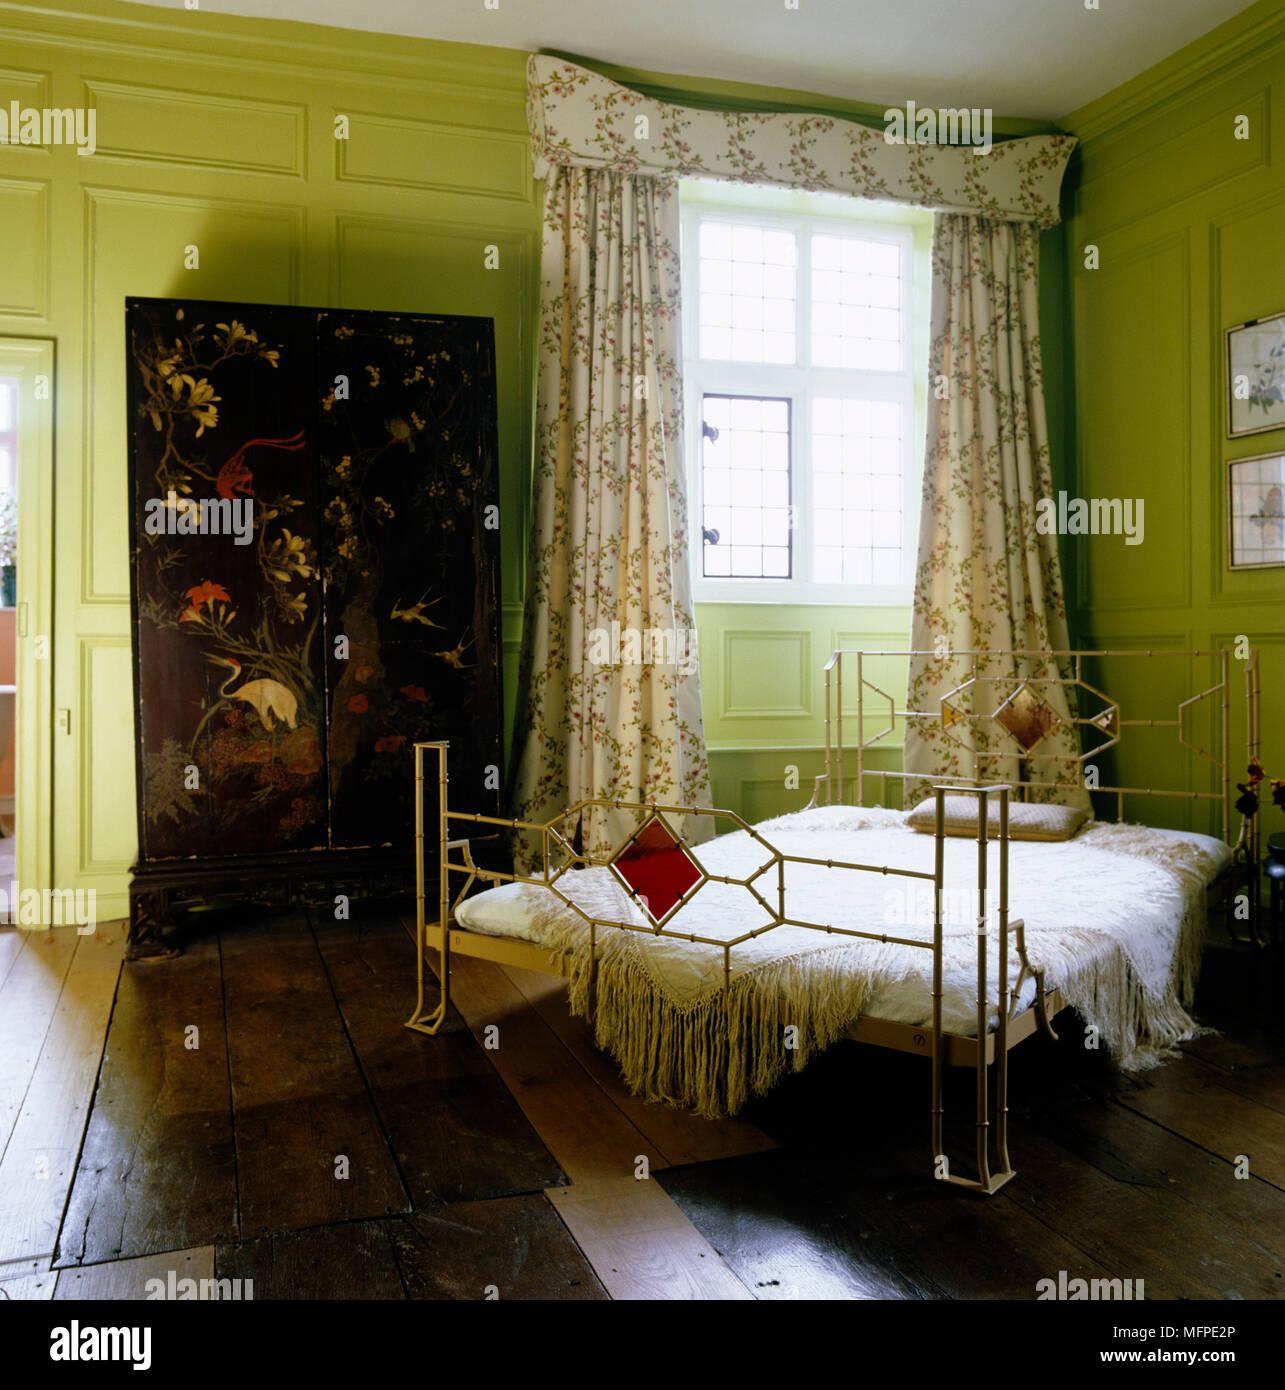 Deco e letto matrimoniale nel centro della camera da letto verde con ...